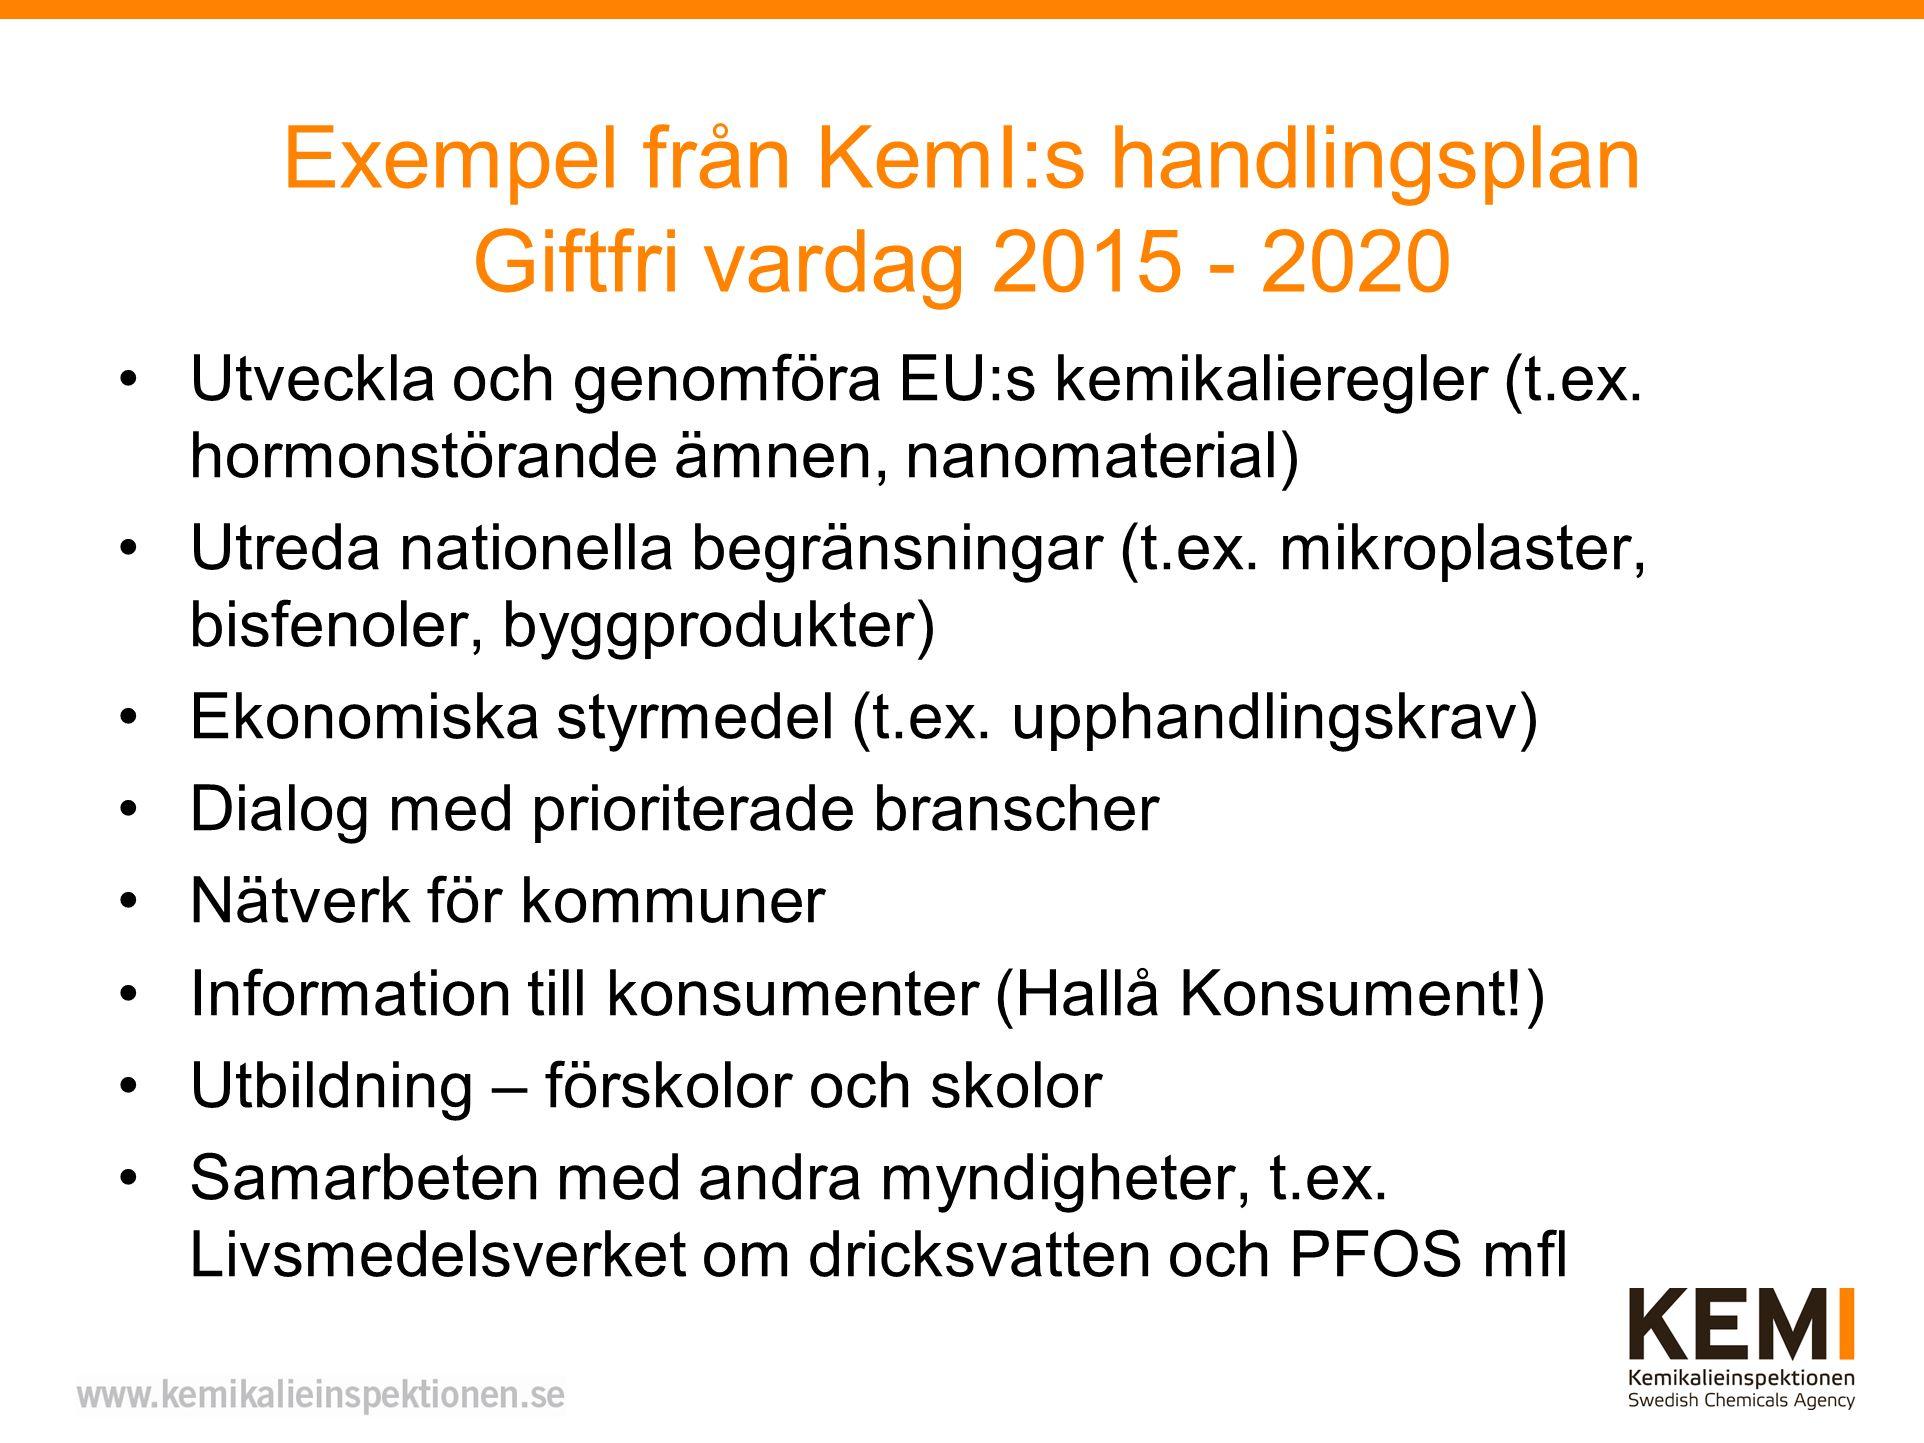 Exempel från KemI:s handlingsplan Giftfri vardag 2015 - 2020